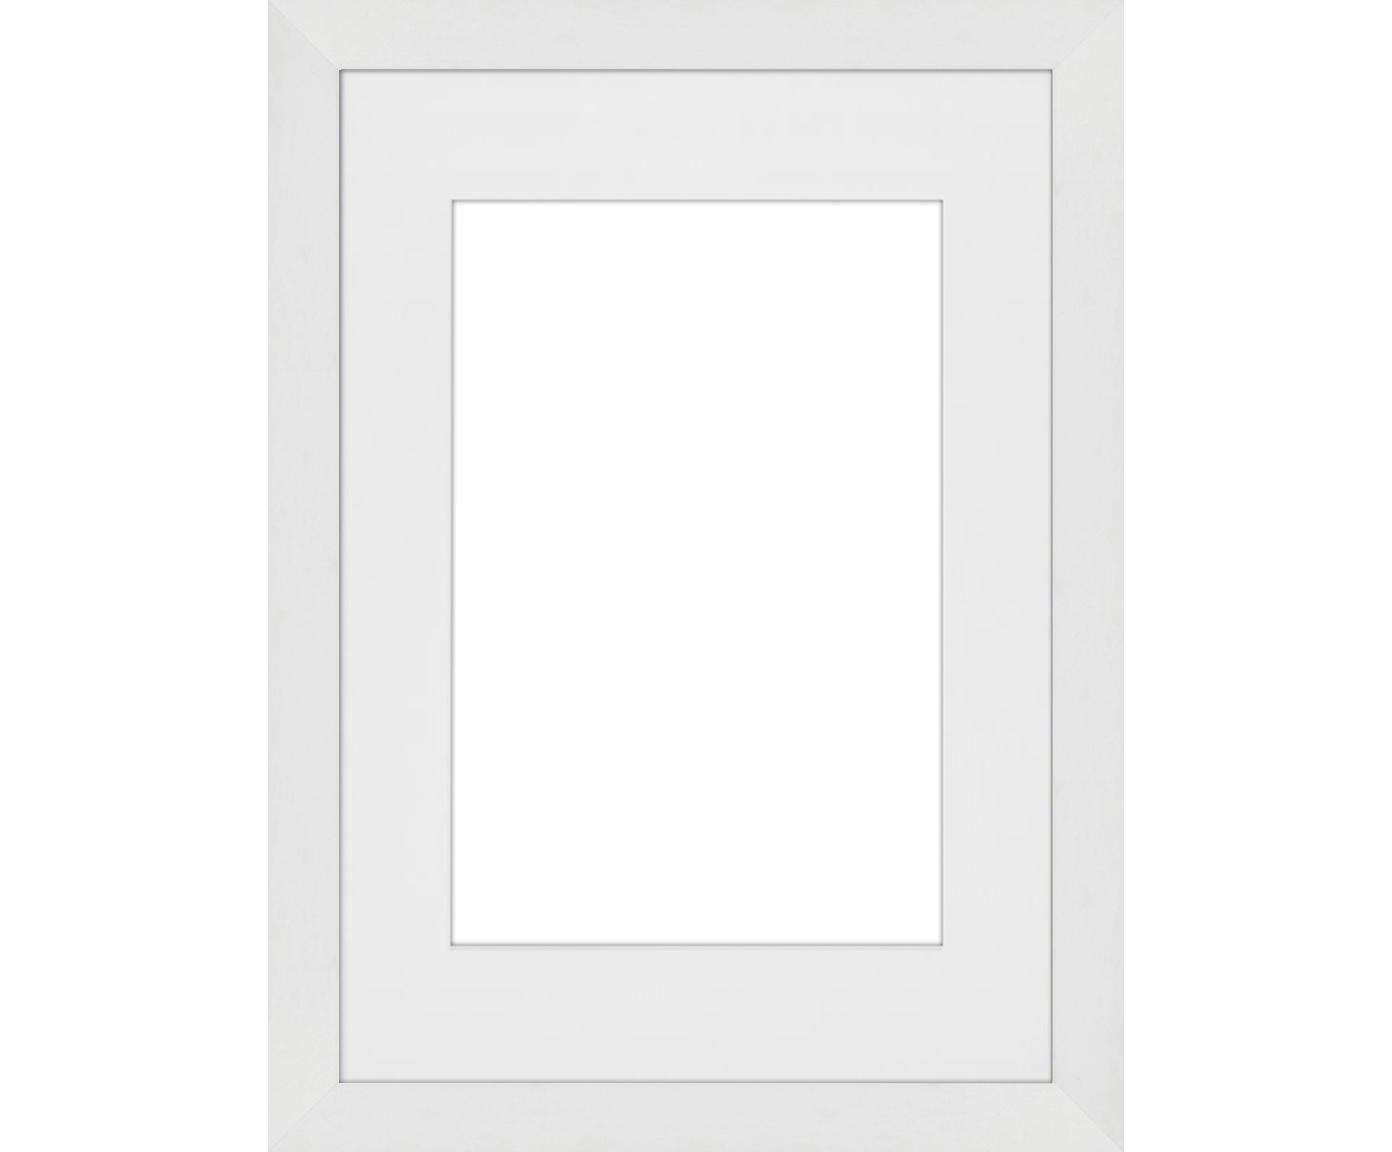 Ramka na zdjęcia Apollon, Biały, 21 x 30 cm